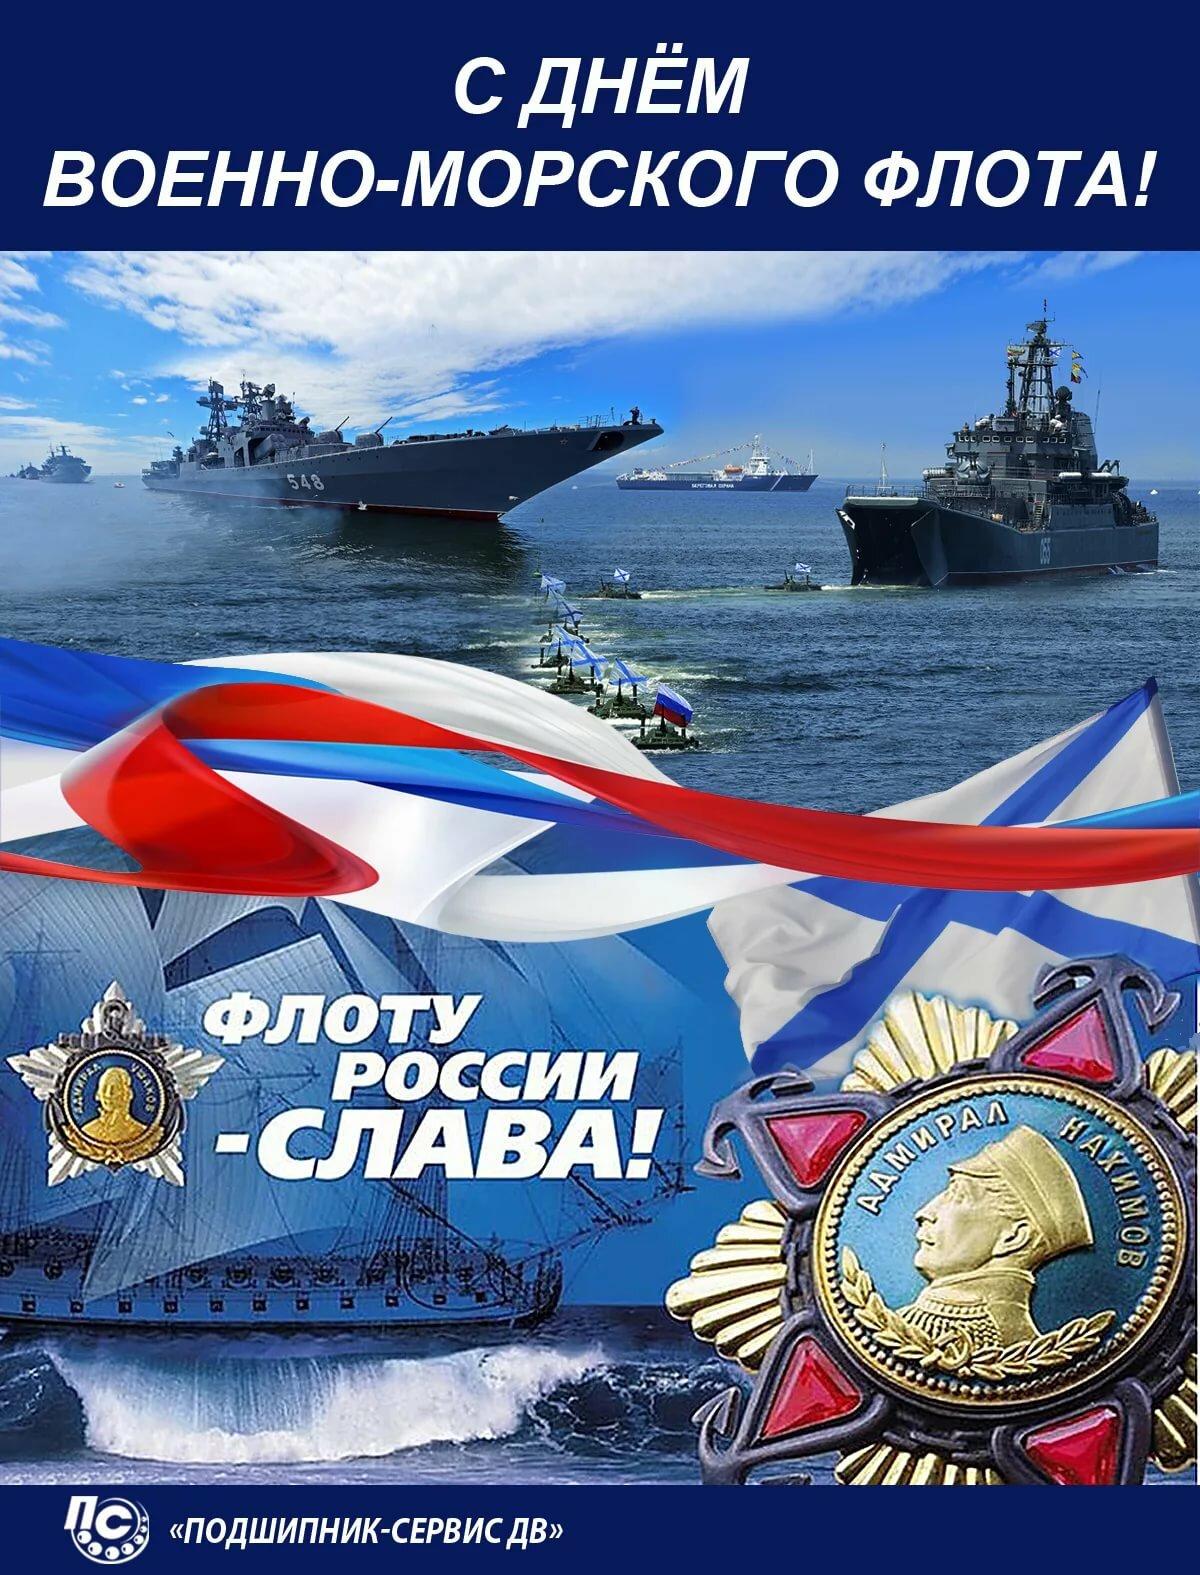 Картинки для поздравления с днем военно морского флота, галка птица музыкальная